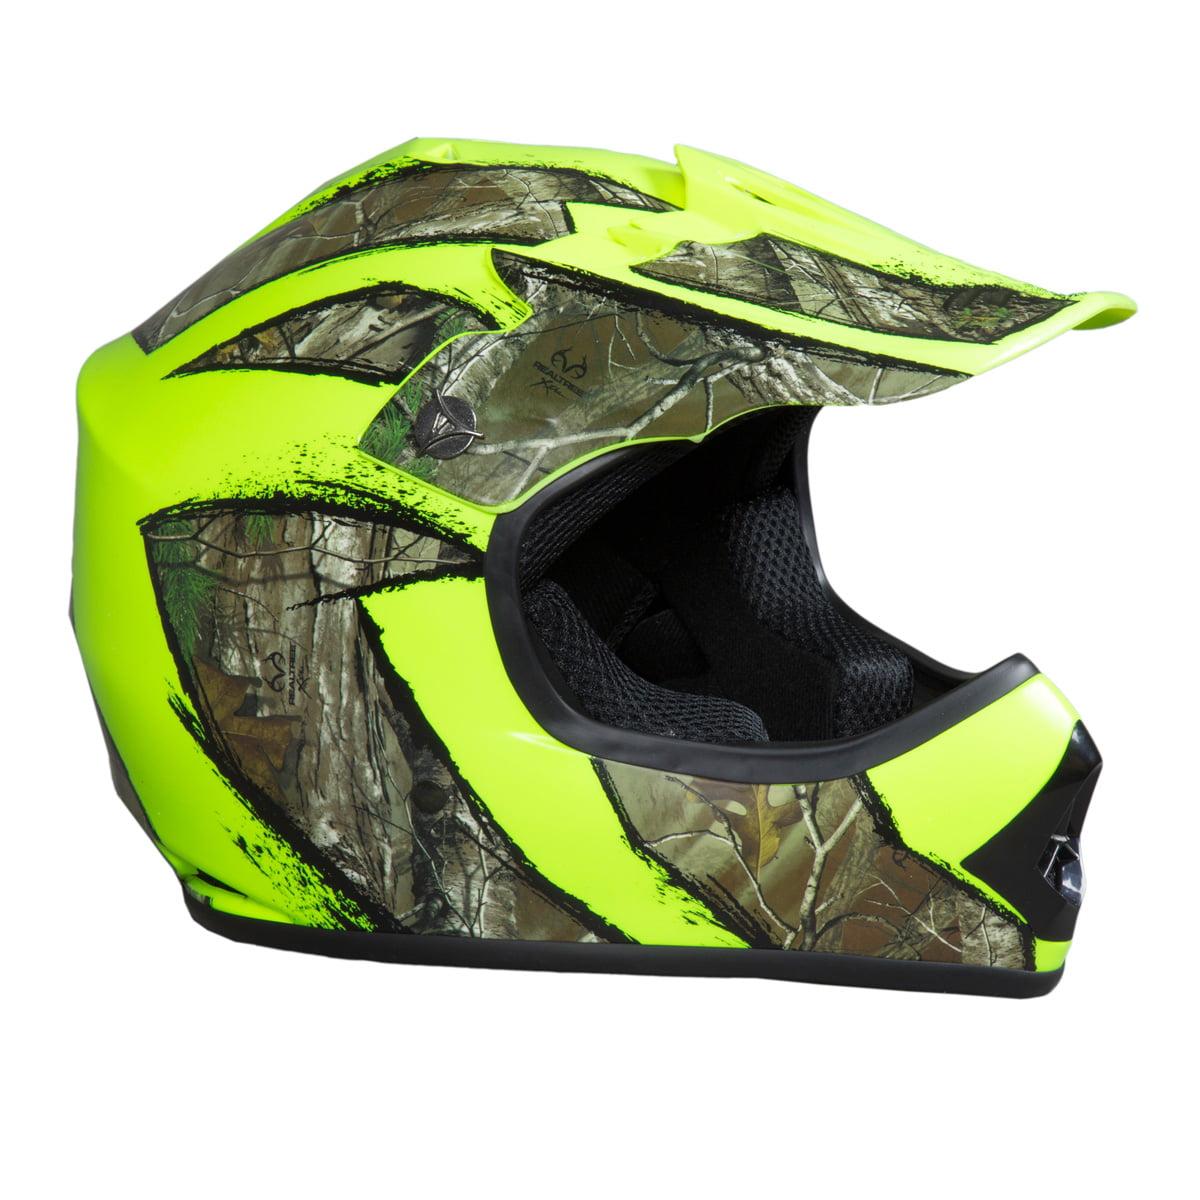 SHC Youth MX / ATV Helmet Realtree Xtra Camo - DOT Approv...